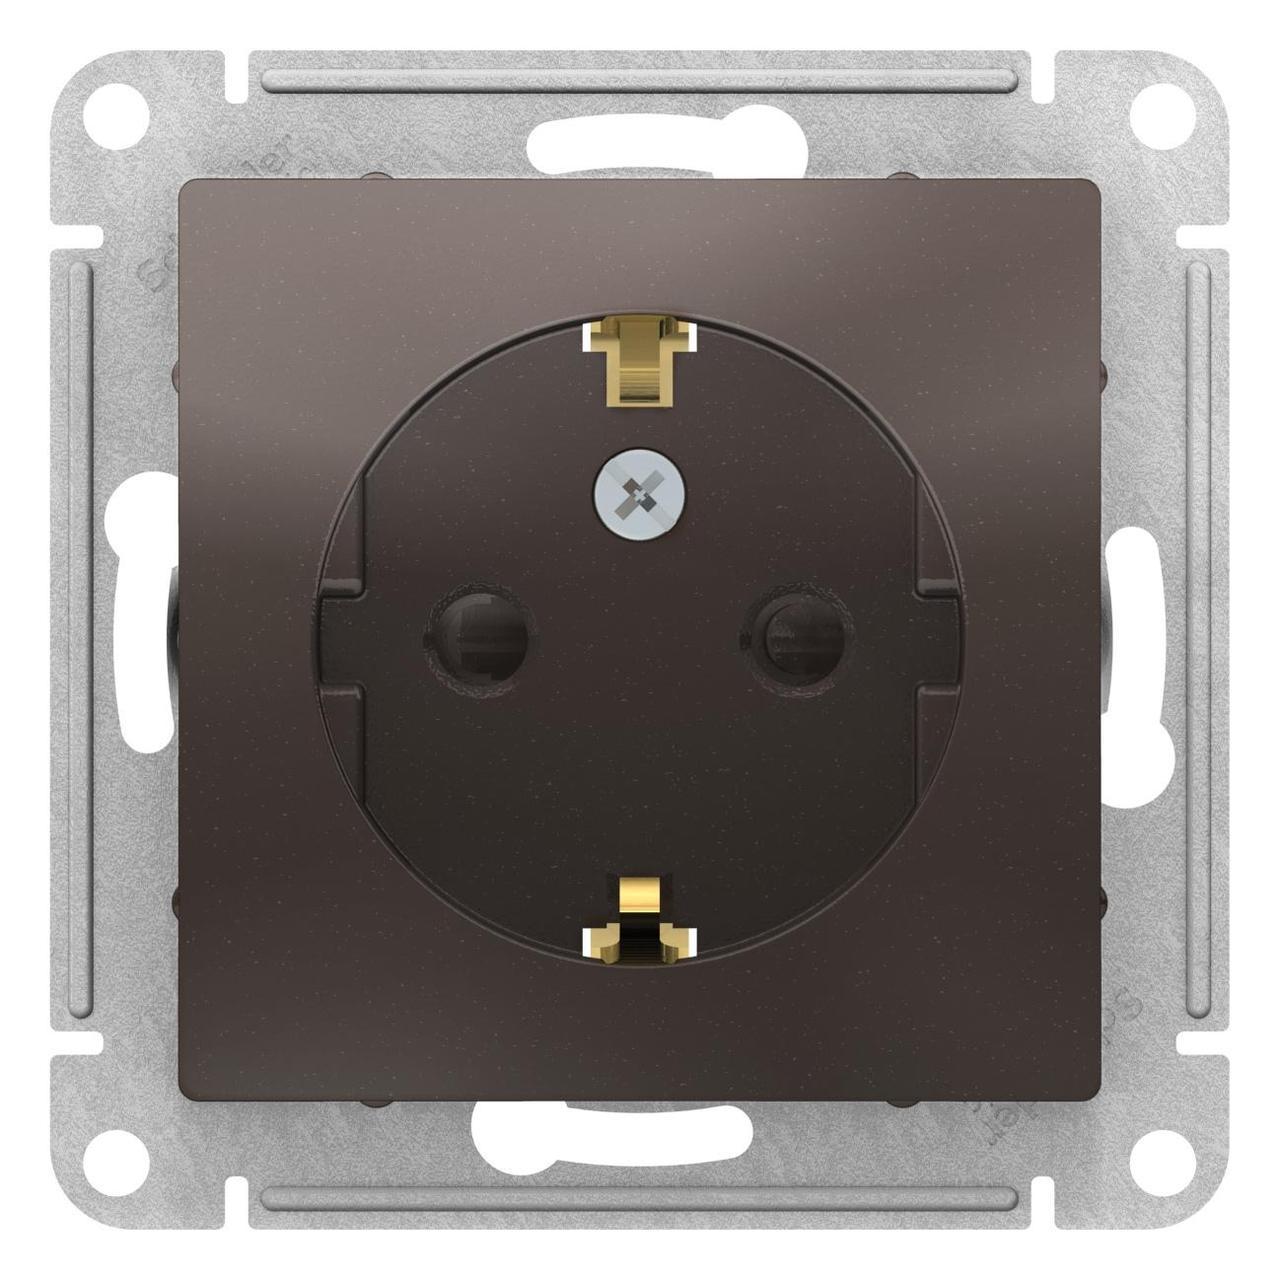 Розетка 1-ая электрическая , с заземлением и защитными шторками (винтовой зажим) , Мокко, серия Atlas Design, Schneider Electric